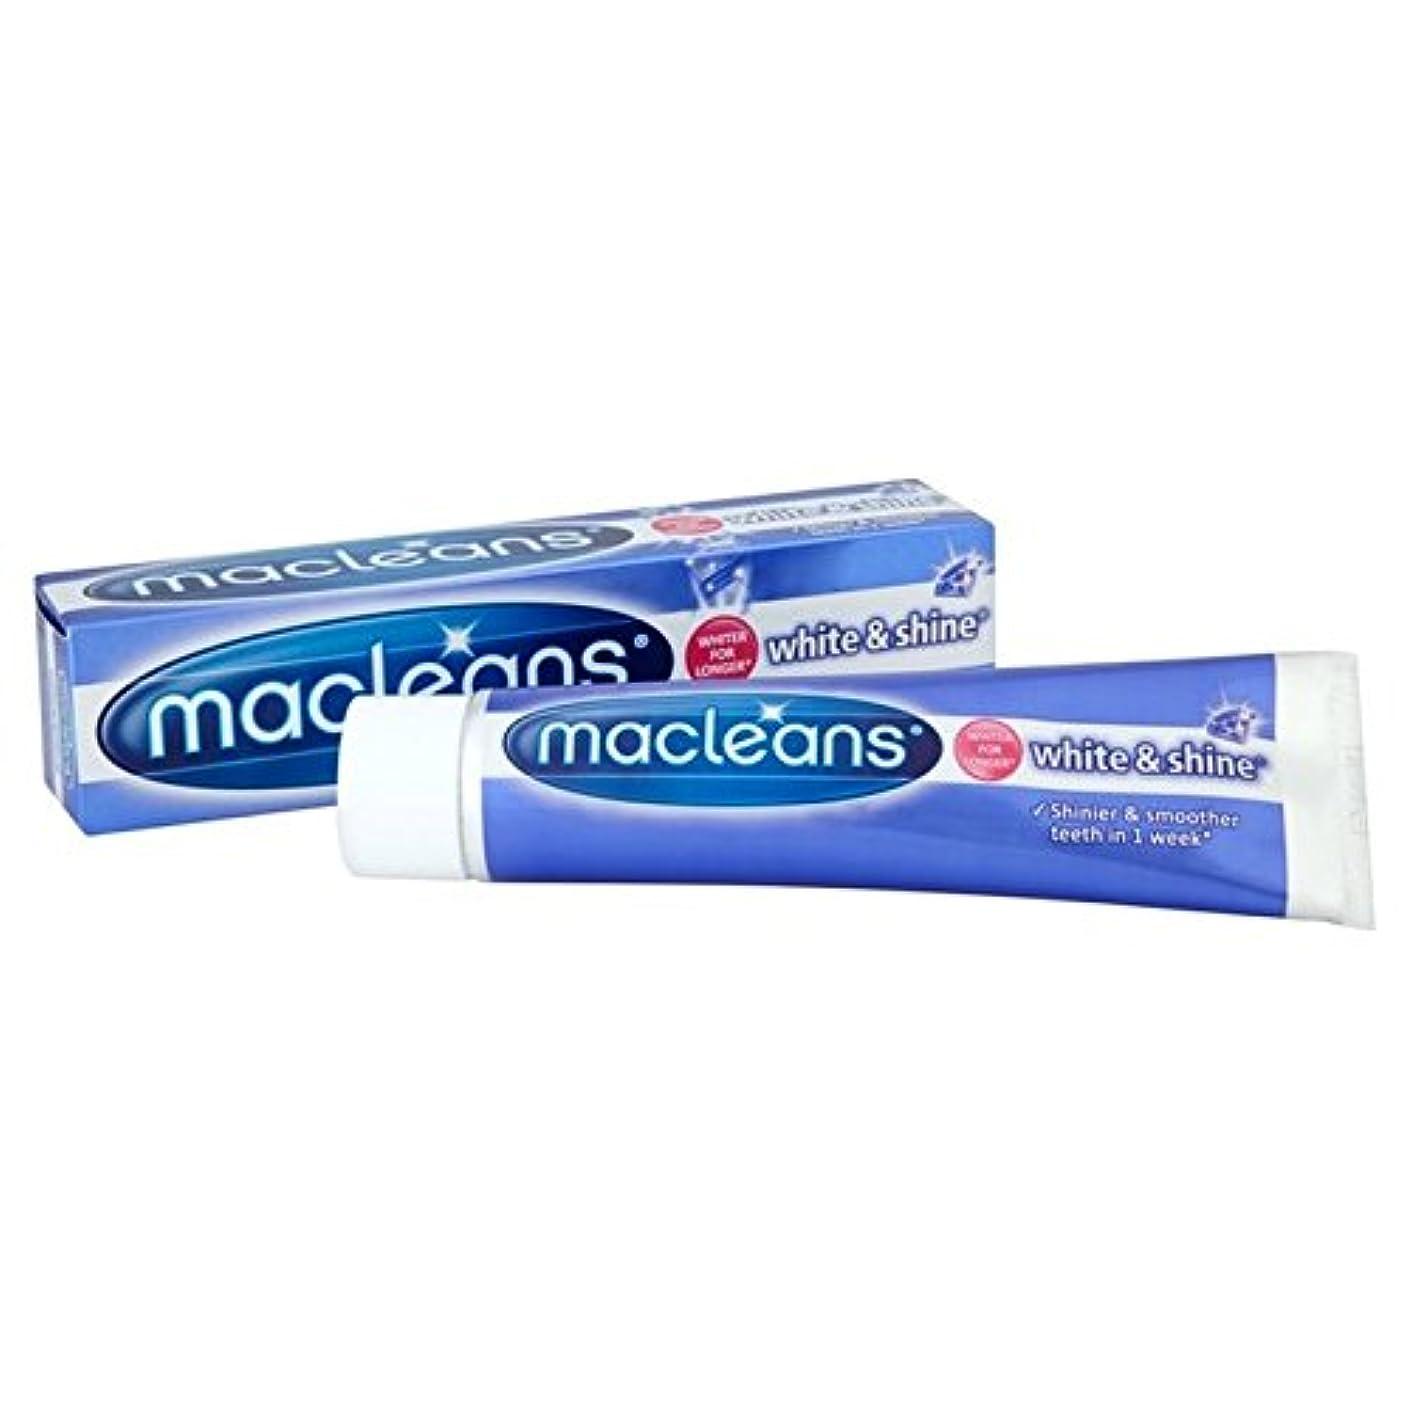 バング肖像画ジャム'歯磨き粉の100ミリリットル x4 - Macleans White'n'shine Toothpaste 100ml (Pack of 4) [並行輸入品]